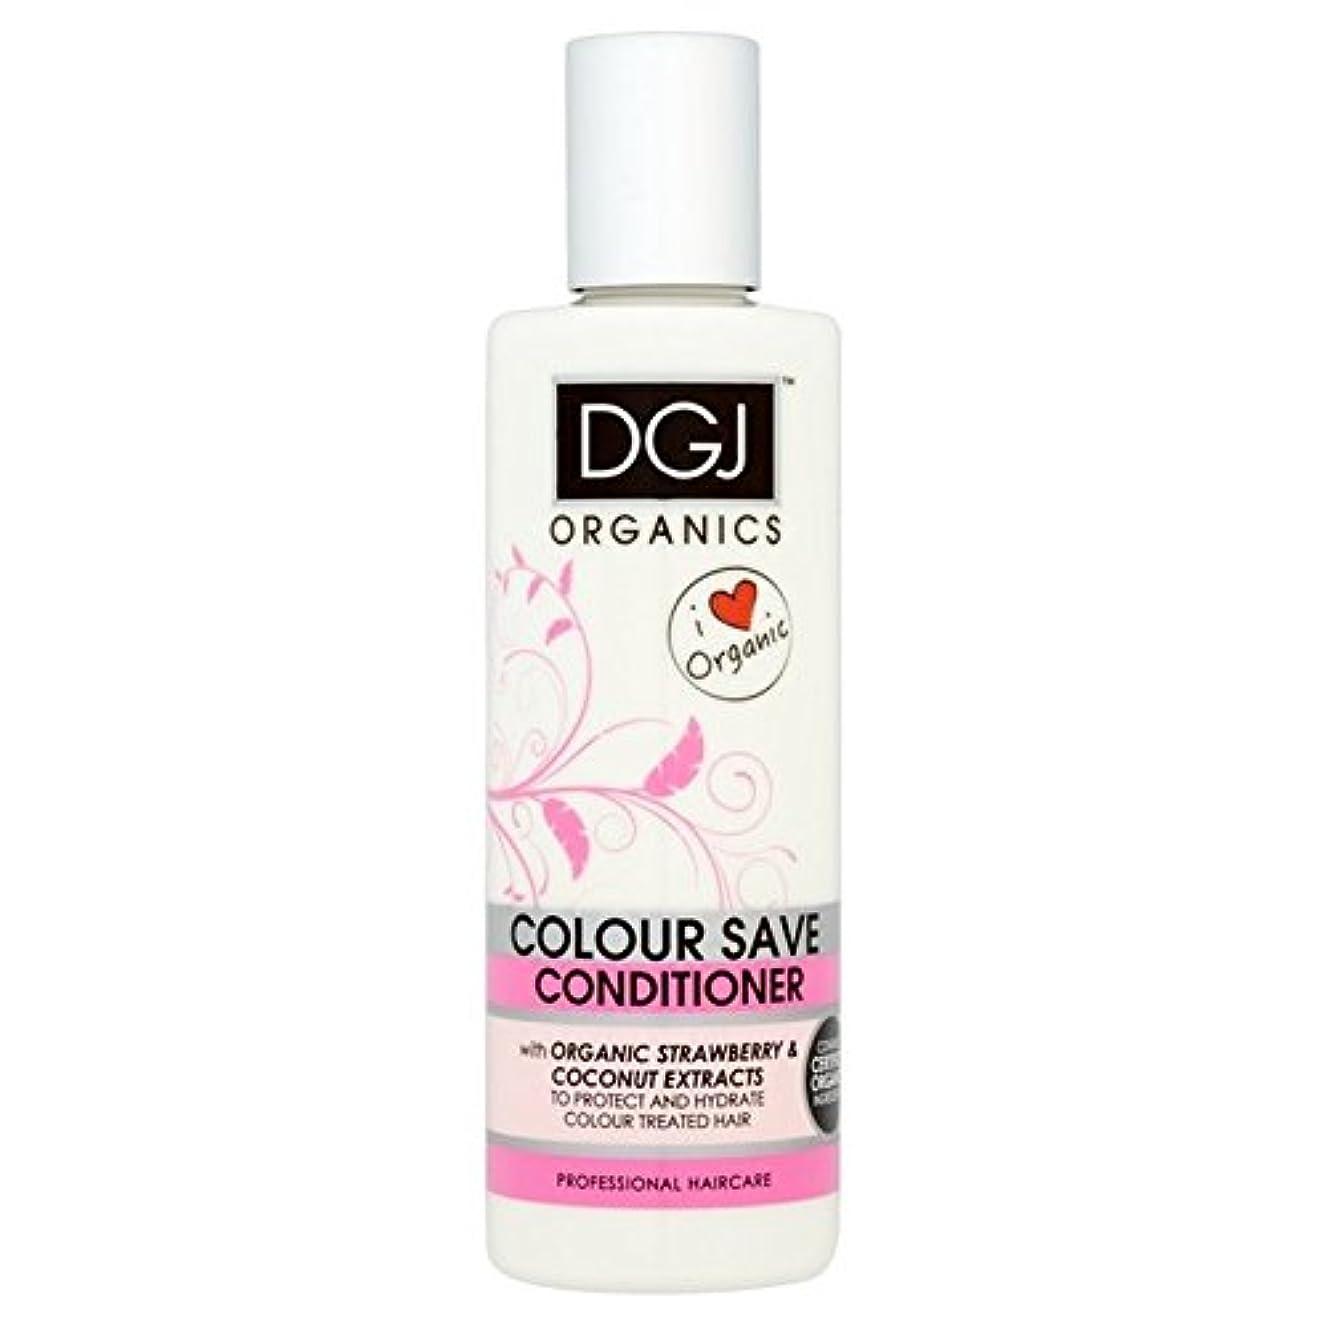 コーンウォール接続反対した有機物の色コンディショナー250を保存 x2 - DGJ Organics Colour Save Conditioner 250ml (Pack of 2) [並行輸入品]